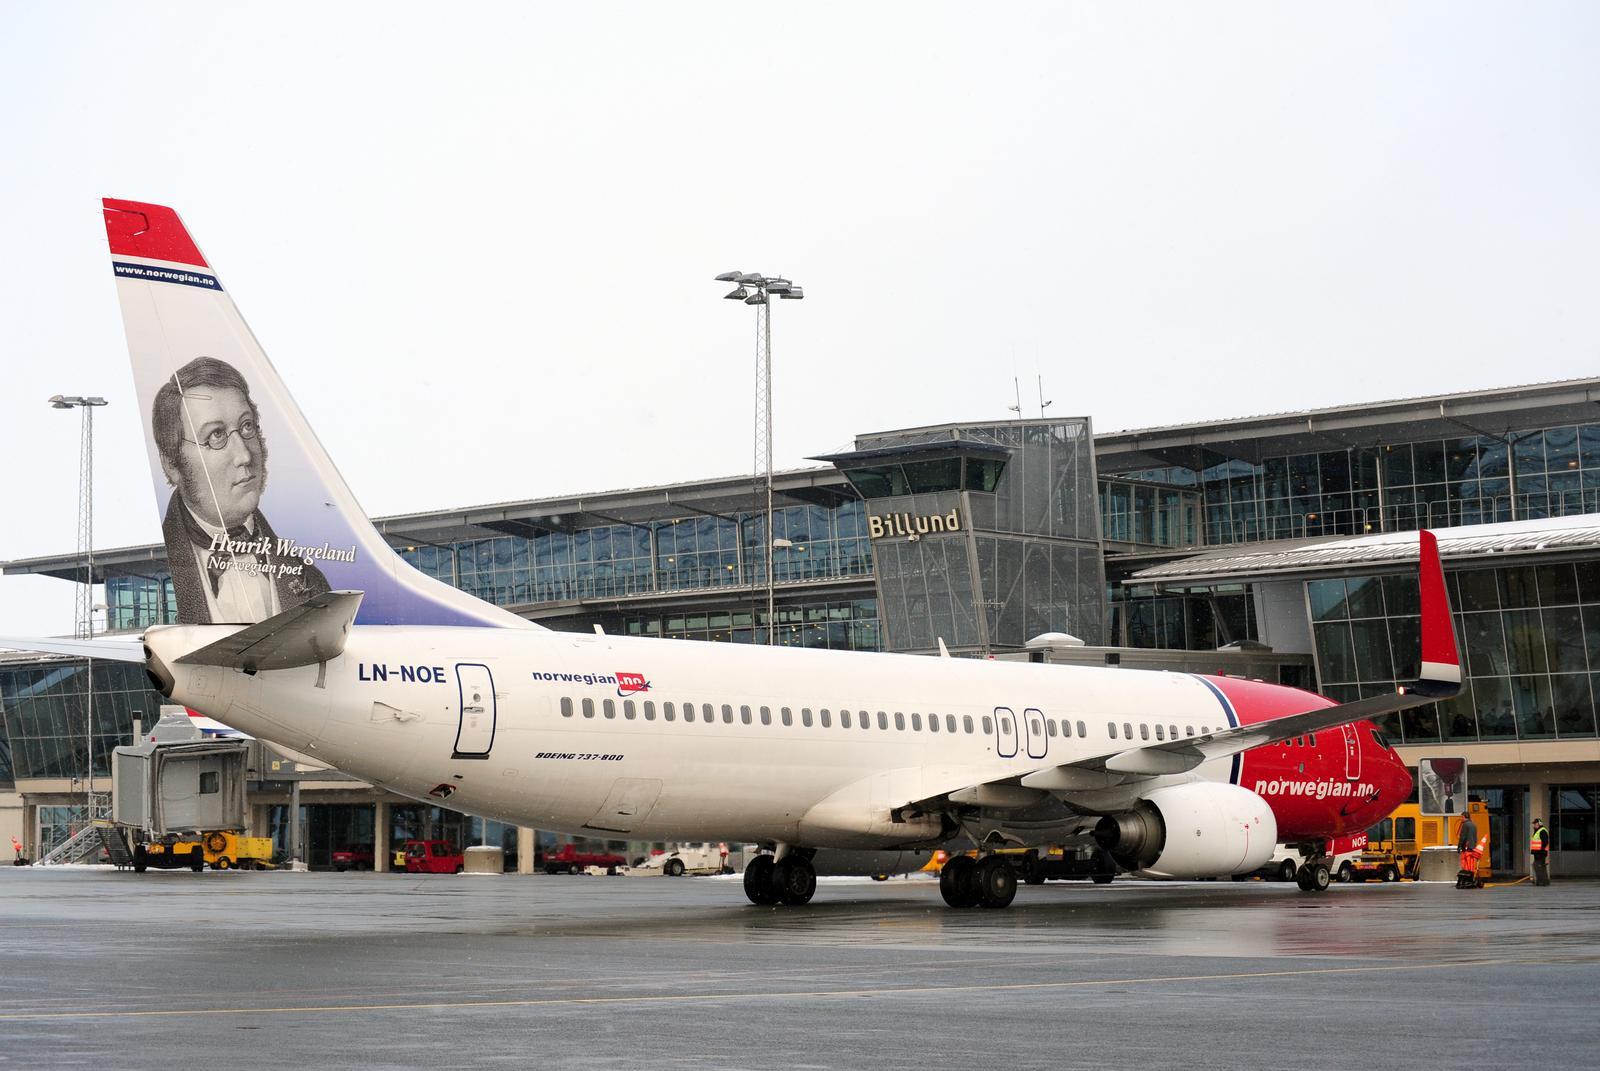 Norwegians Boeing 737-800 i Billund Lufthavn.